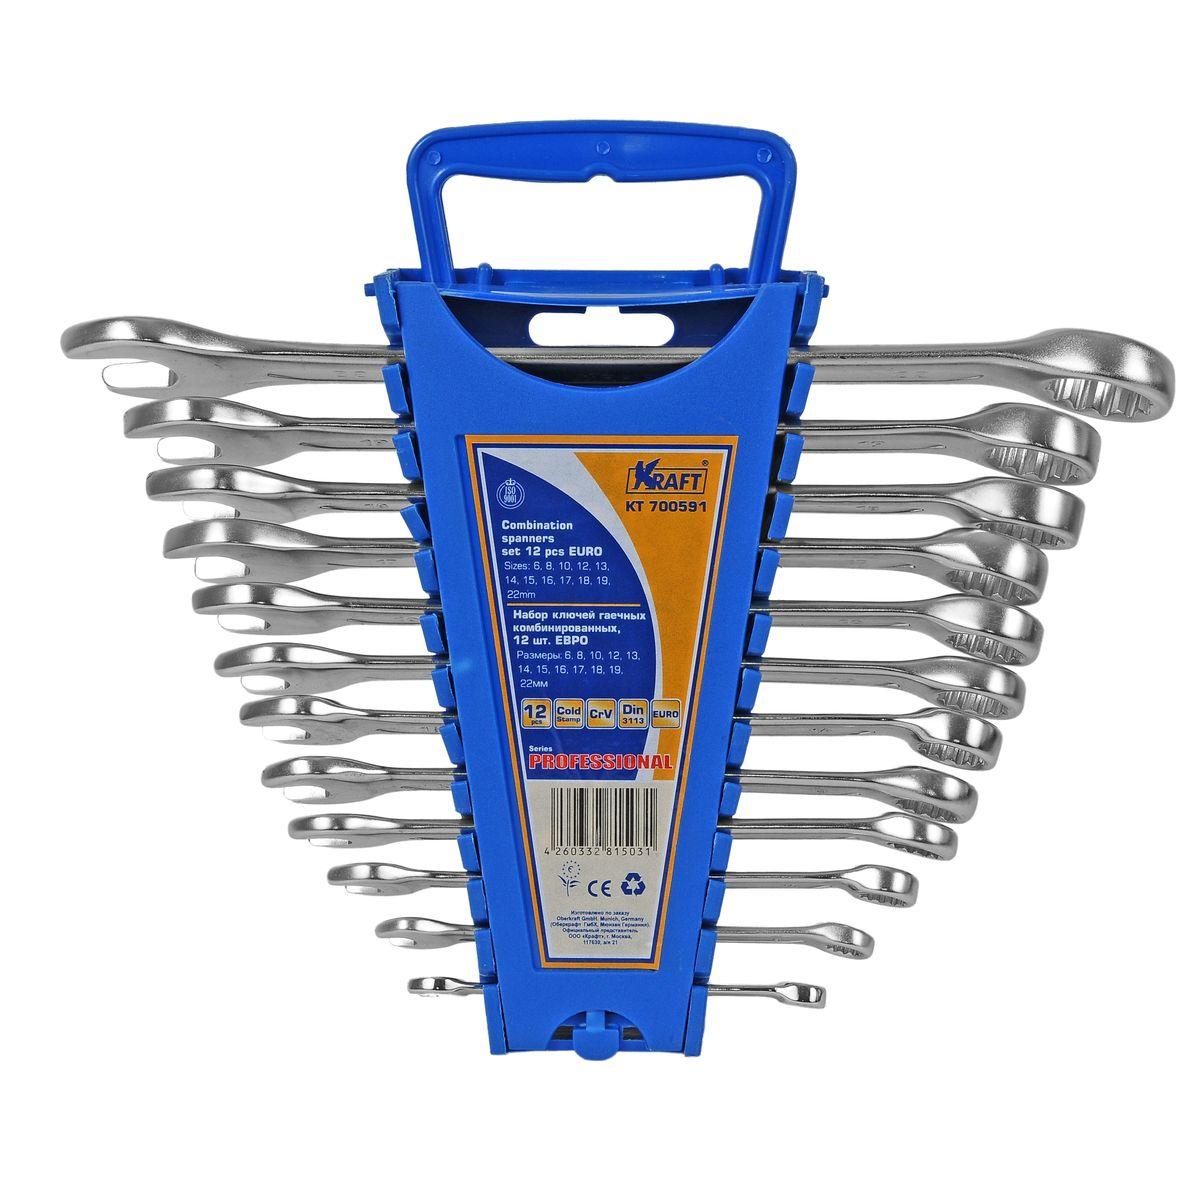 Набор комбинированных гаечных ключей Kraft Professional Euro, 6 мм - 22 мм, 12 шт80621Набор комбинированных гаечных ключей Kraft Professional Euro предназначен для профессионального применения в решении сантехнических, строительных и авторемонтных задач, а также для бытового использования. Ключи изготовлены из хромованадиевой стали.Размеры ключей входящих в набор: 6 мм, 8 мм, 10 мм, 12 мм, 13 мм, 14 мм, 15 мм, 16 мм, 17 мм, 18 мм, 19 мм, 22 мм.Комбинированный ключ представляет собой соединение рожкового и накидного гаечных ключей. Обе стороны комбинированного ключа имеют одинаковый размер. Комбинированный ключ - это необходимый предмет в каждом доме.